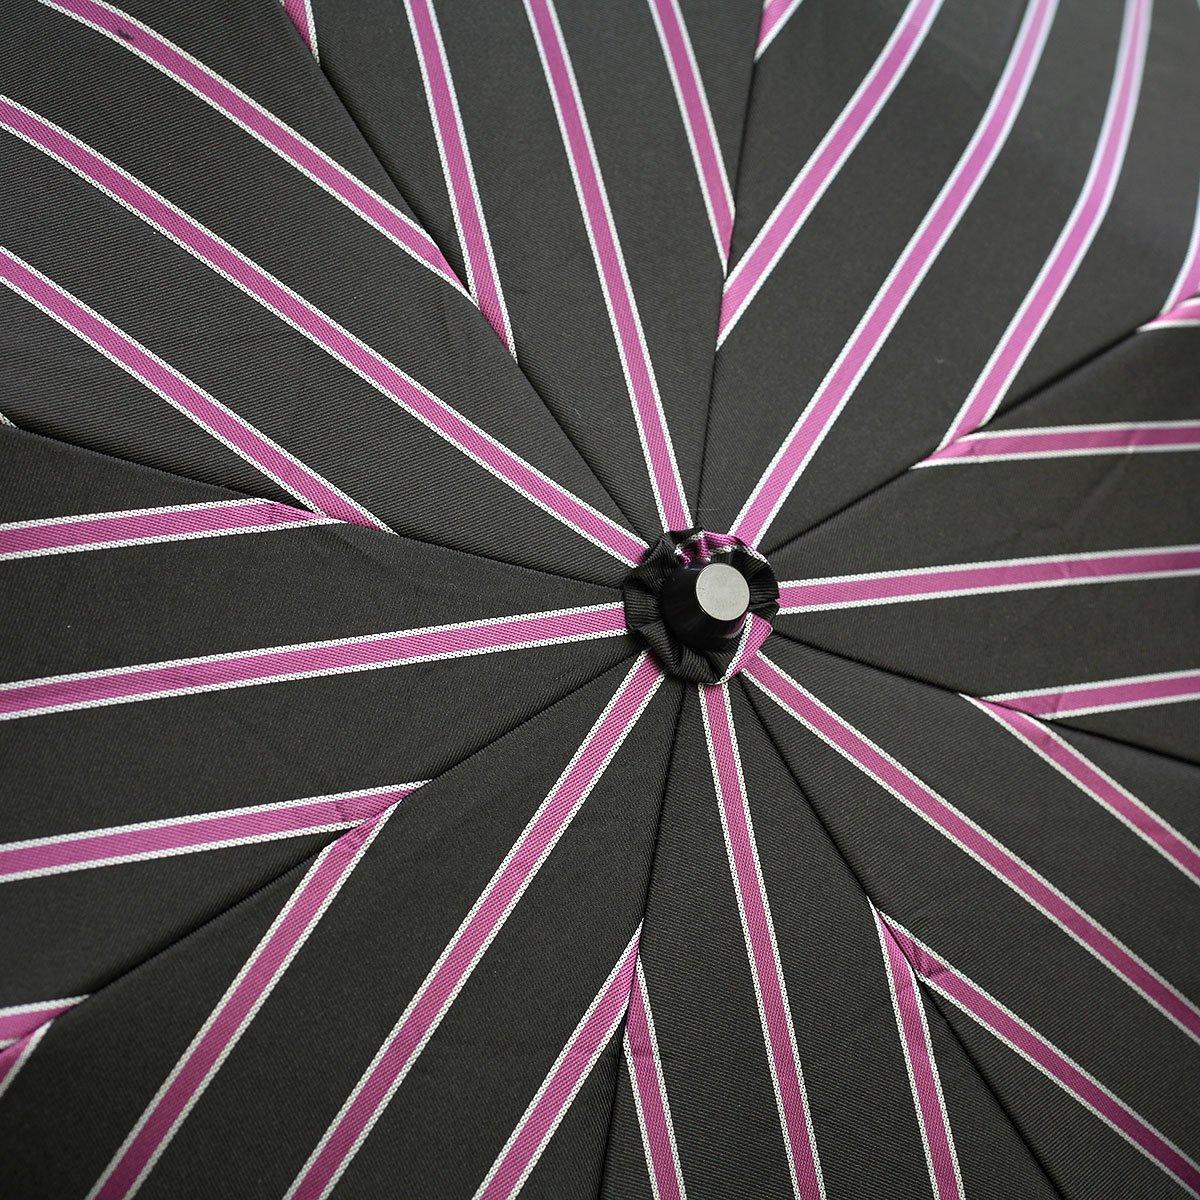 Wフェイス カラーストライプ 折りたたみ傘 詳細画像9